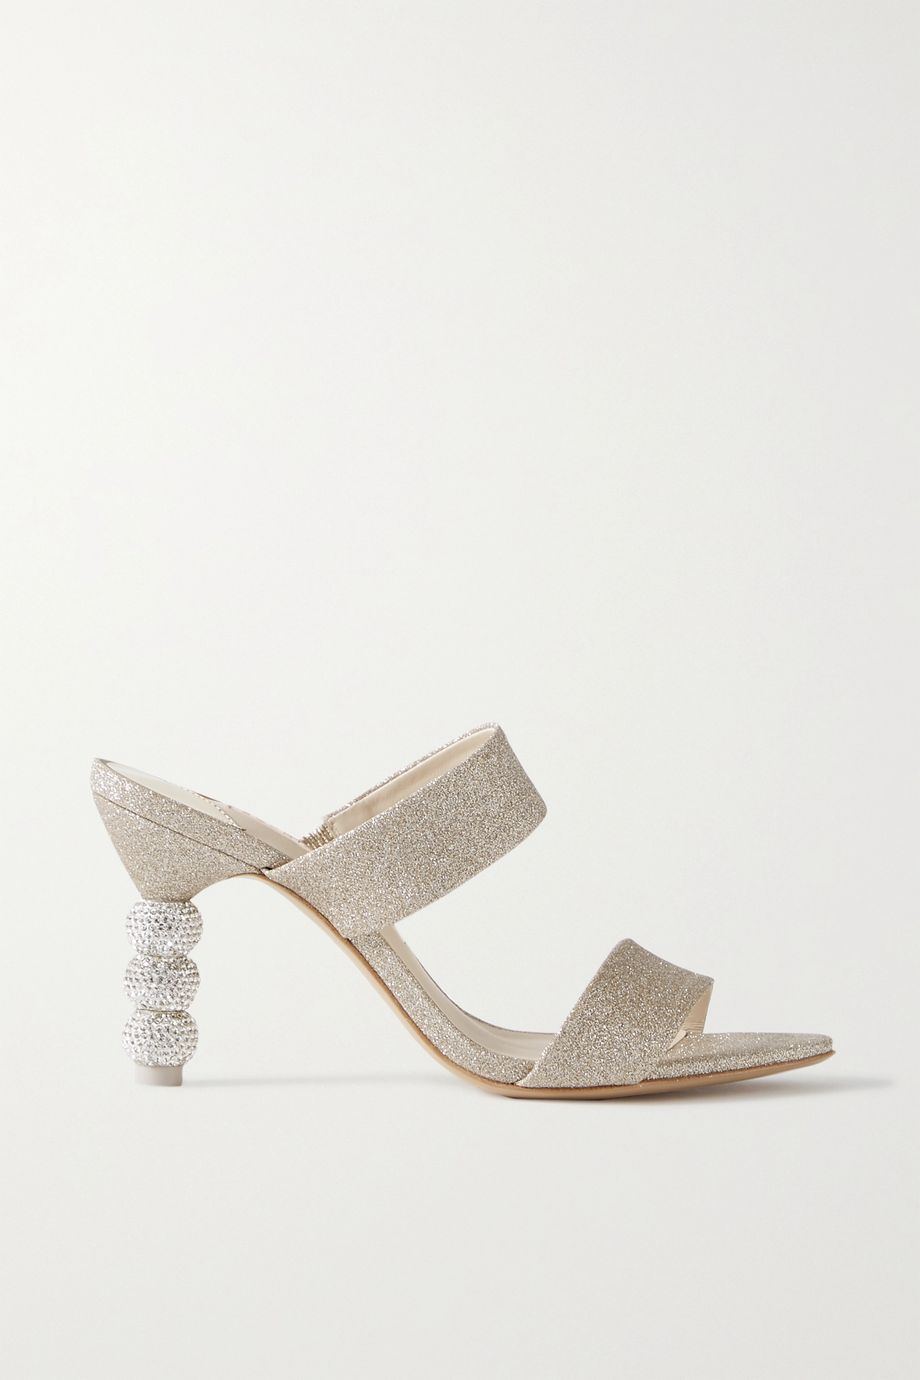 Sophia Webster Rosalind crystal-embellished glittered-satin mules